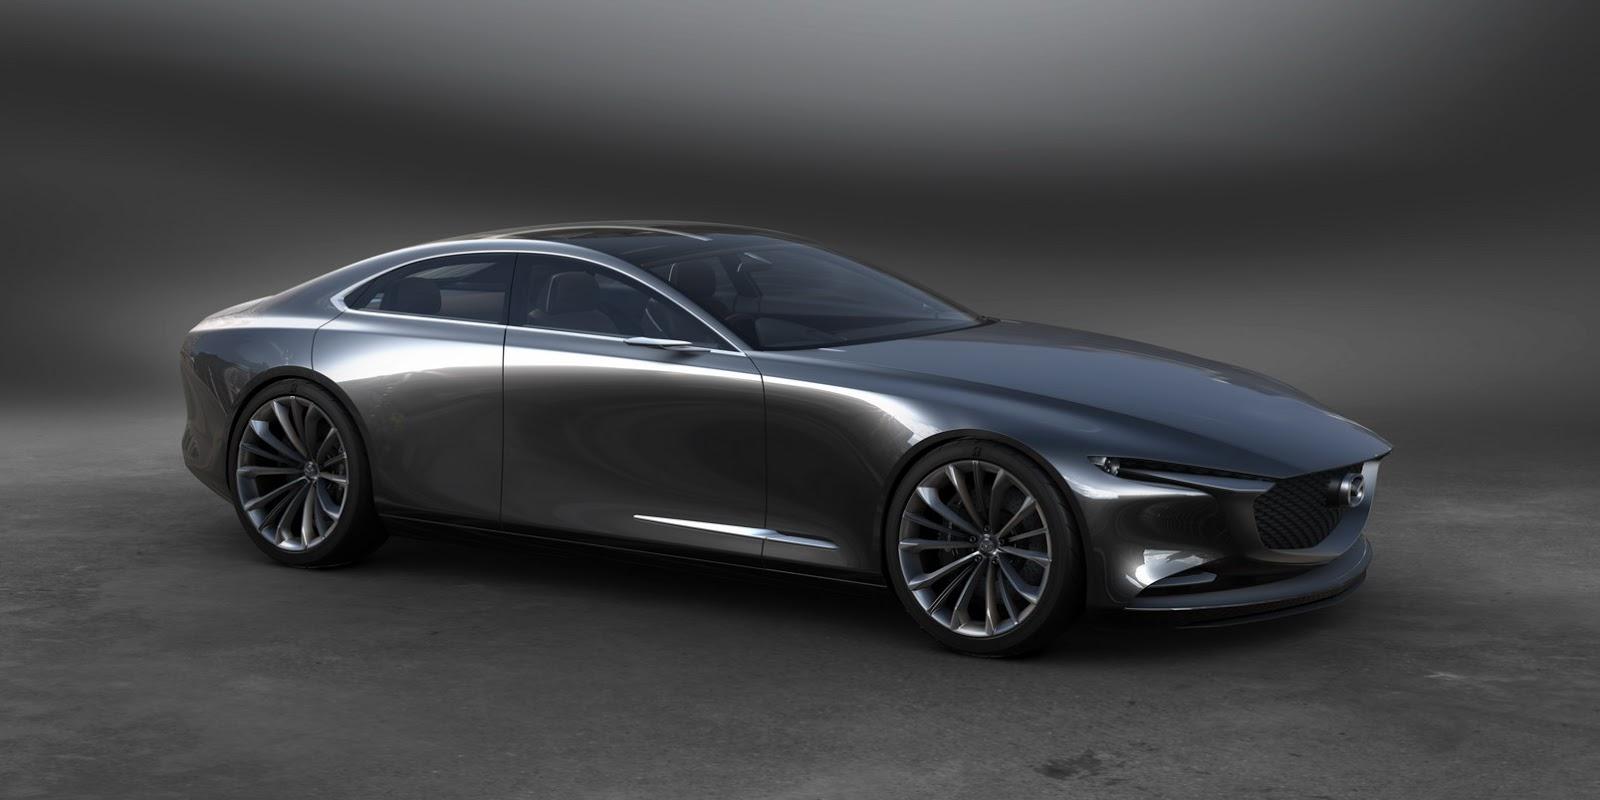 Mazda đang phát triển động cơ xăng và dầu 6 động cơ Skyactiv-X mới - 04